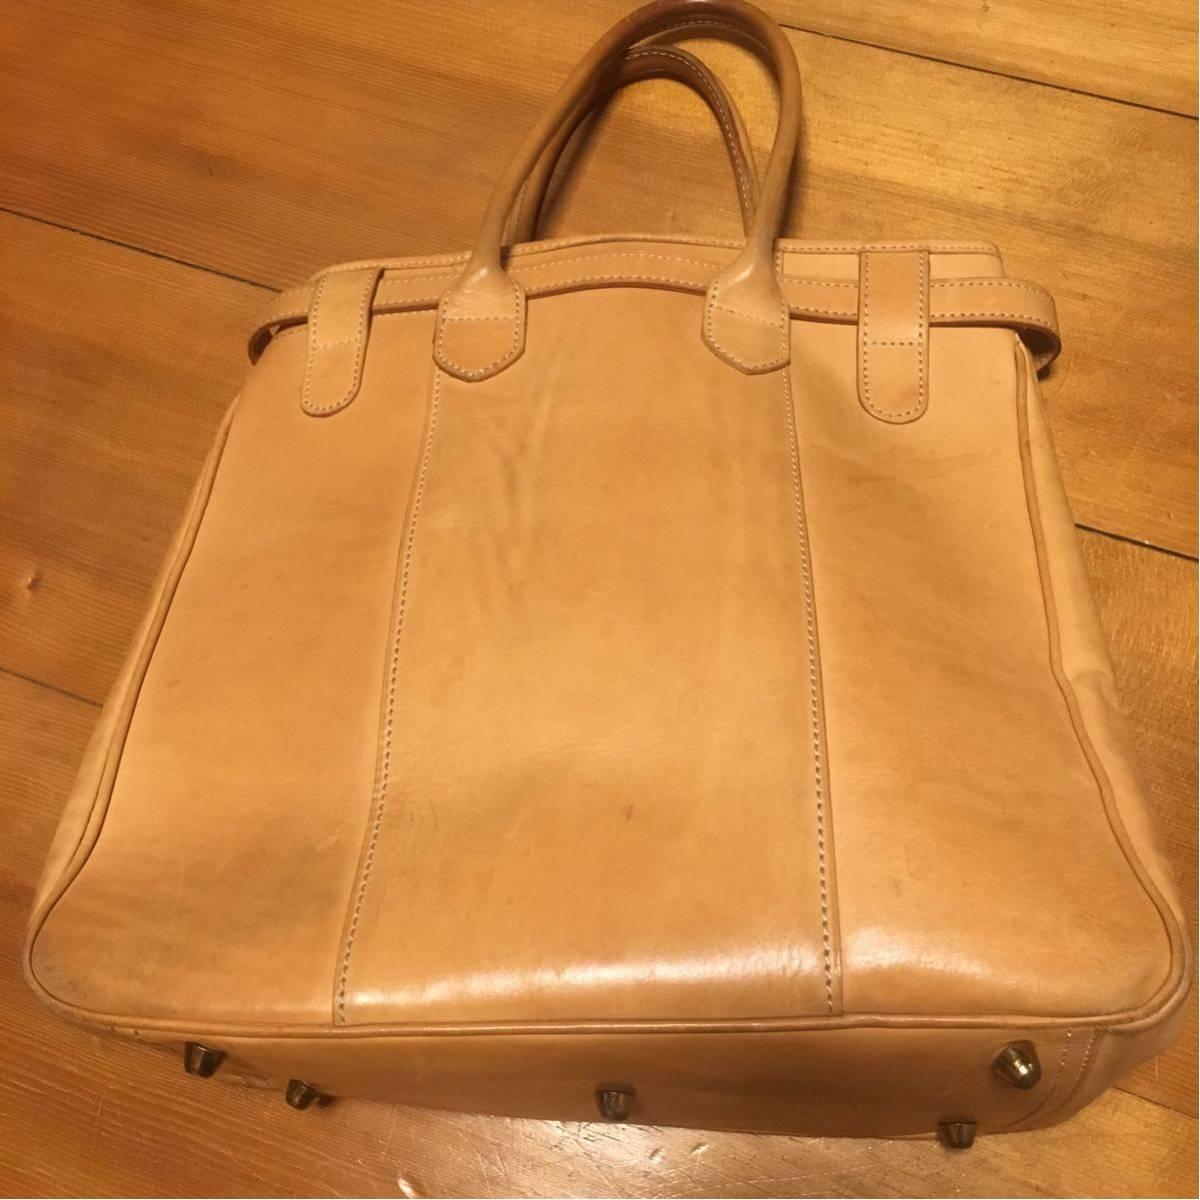 極上品 大型 ブリー BREE ヌメ革 バッグ ショルダーハンドバッグ 鞄 トートバッグ ナチュラルレザー 縦型 総革